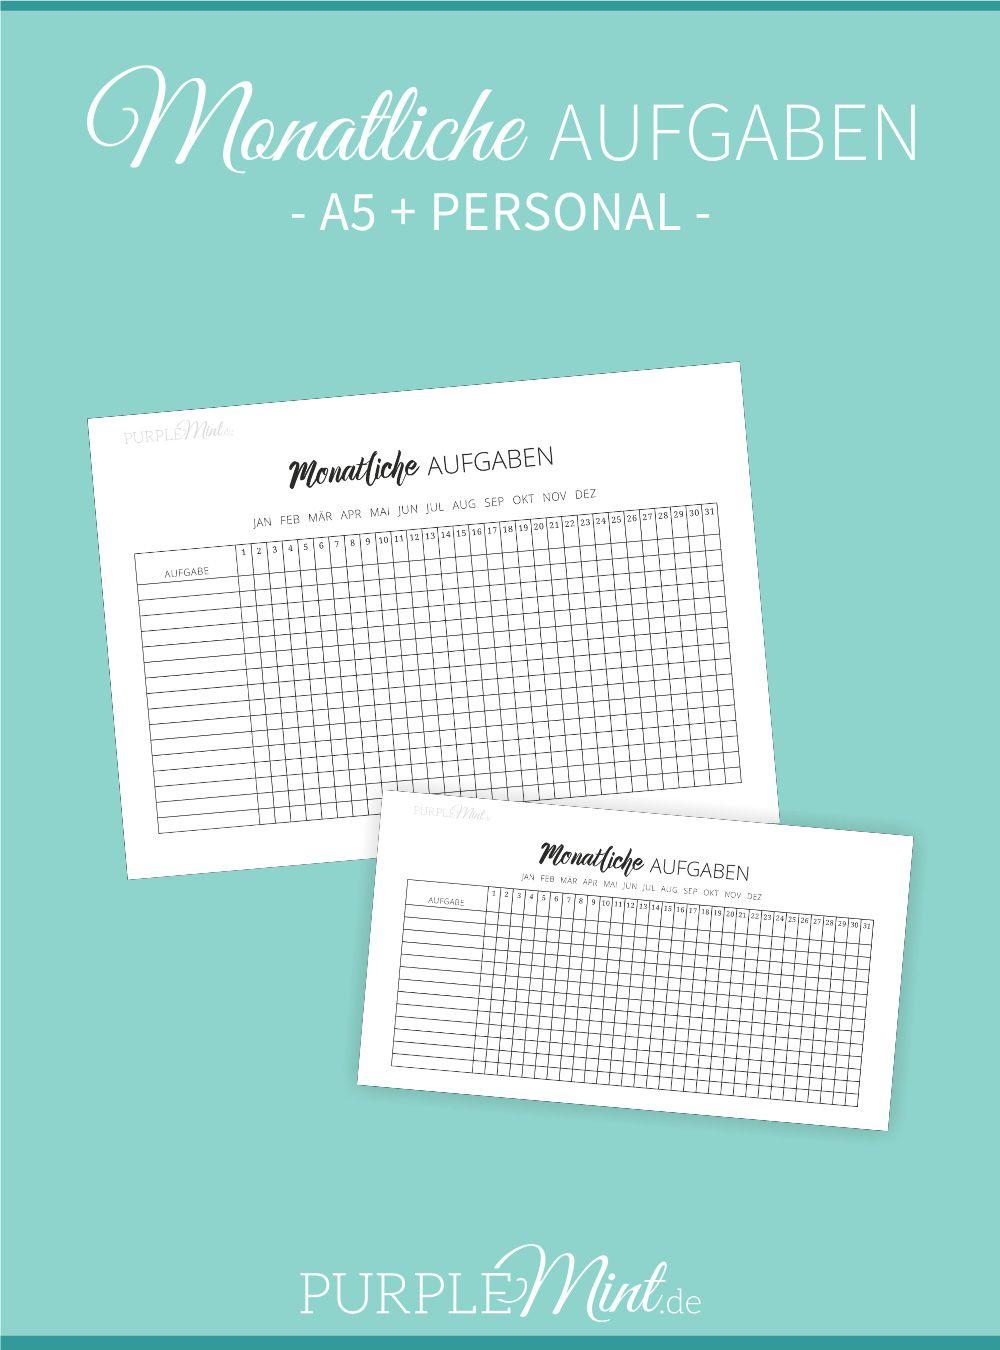 Monatliche Aufgaben - Checkliste // Filofax [free printable ...